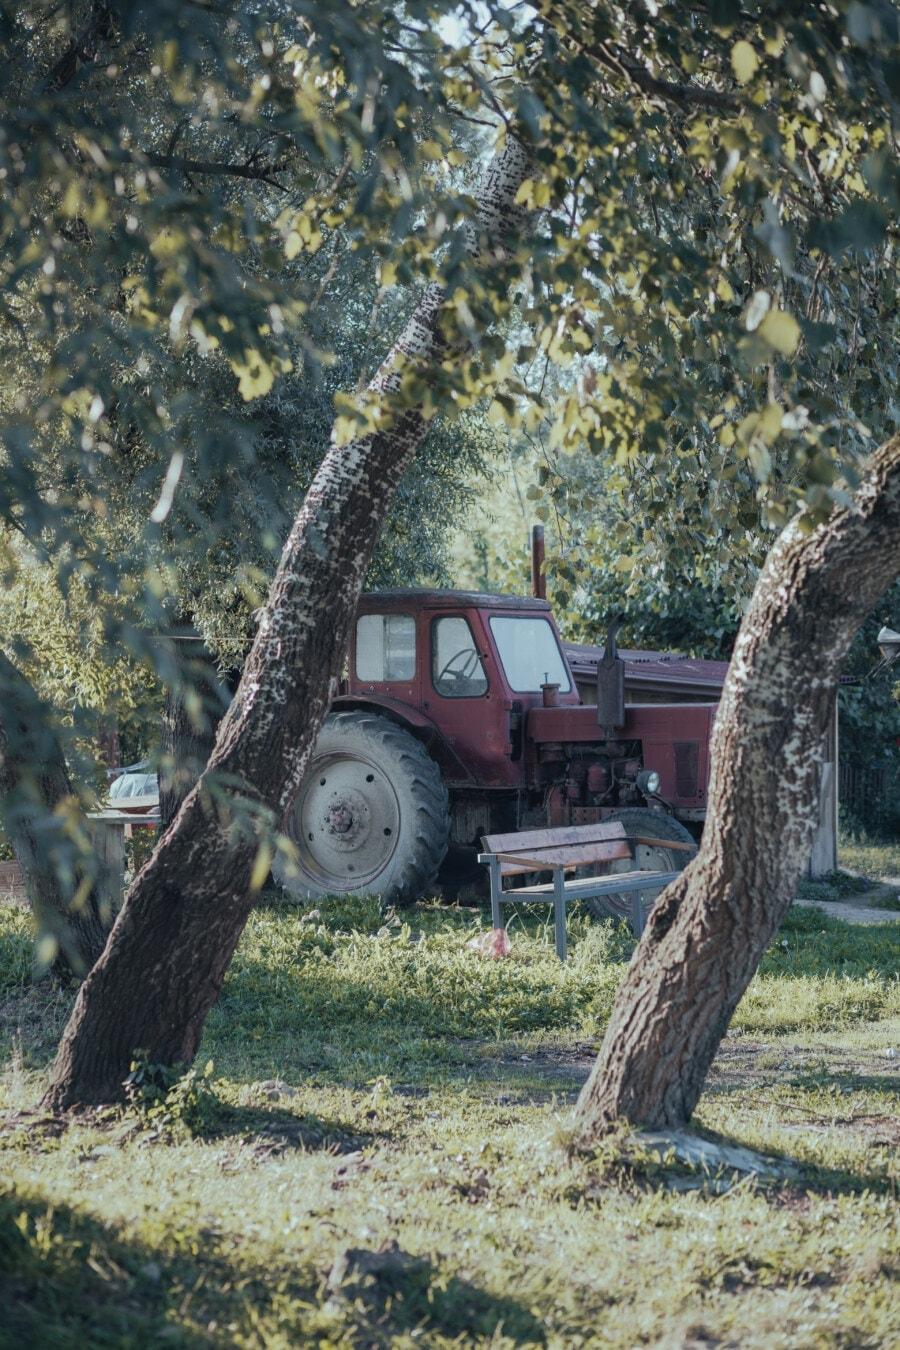 rural, arrière-cour, tracteur, machines, rouge foncé, rouille, style ancien, arbre, nature, ferme